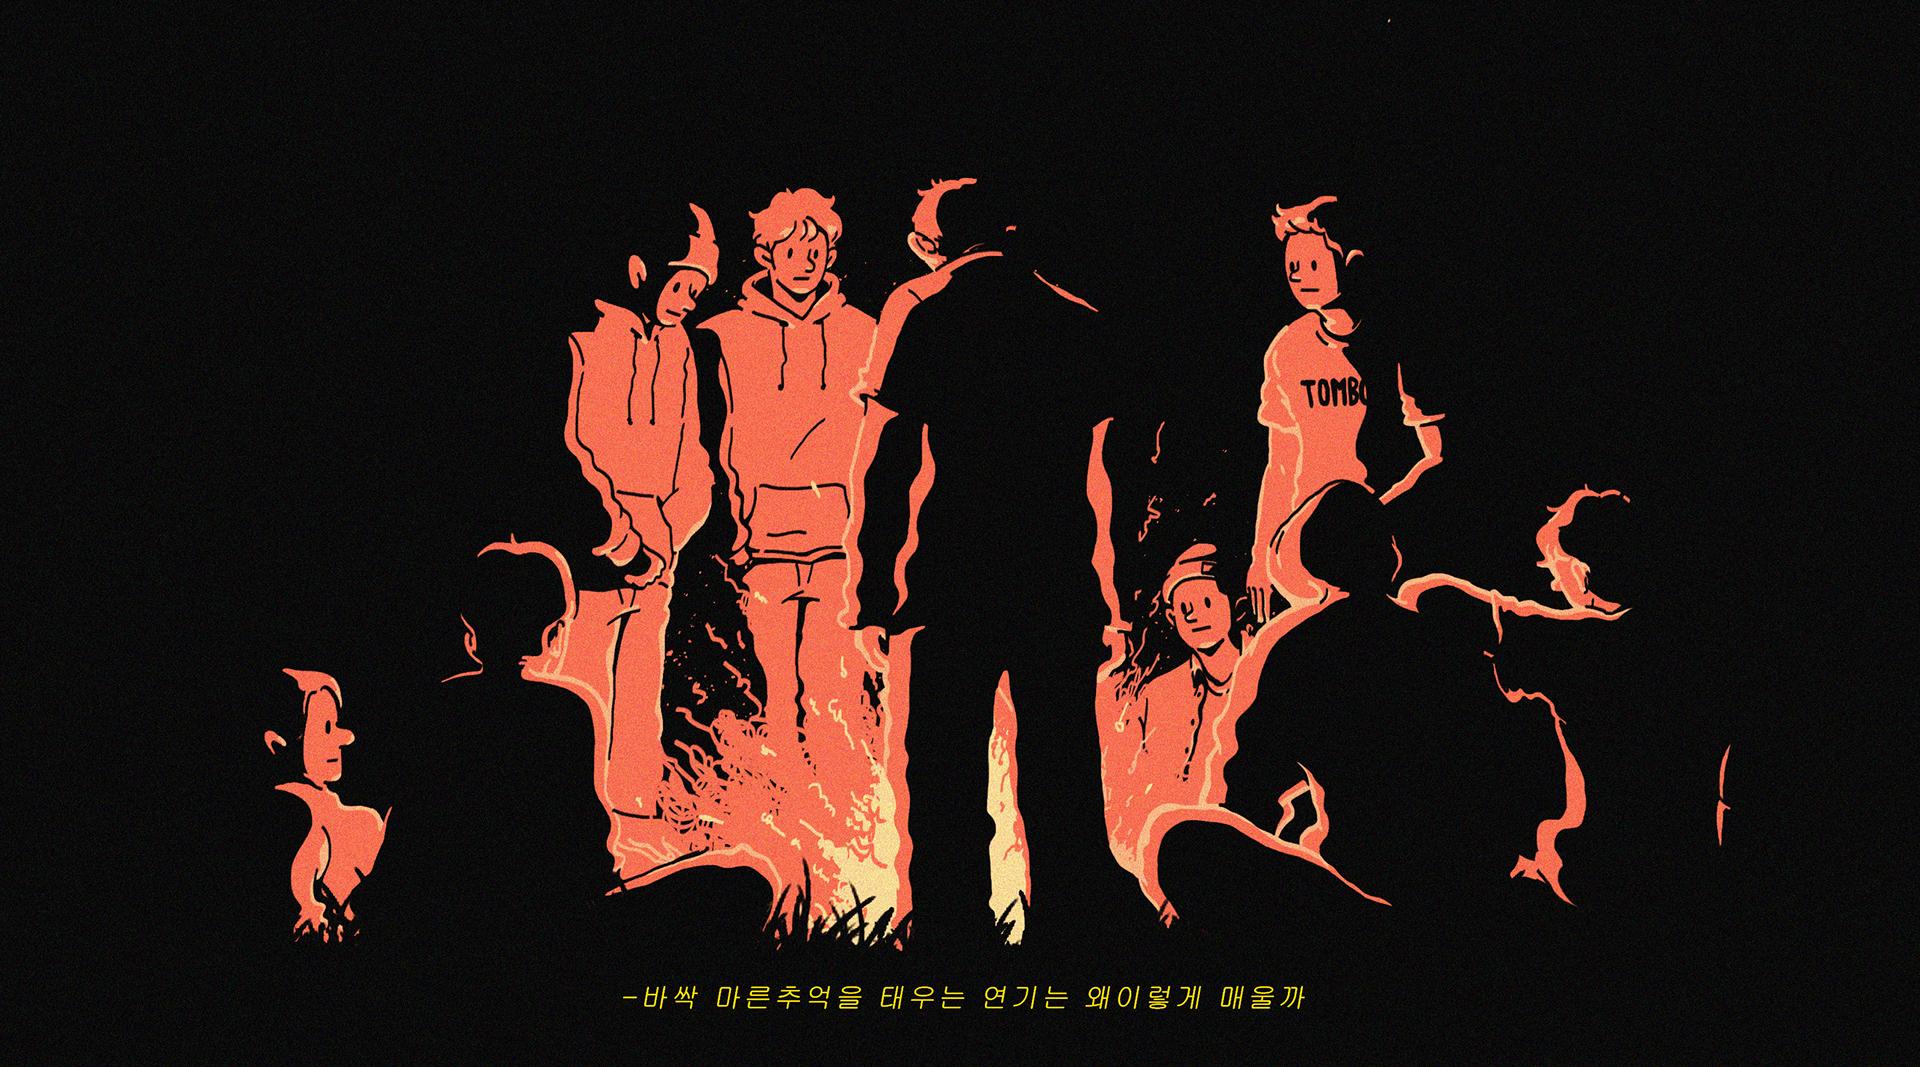 Hyukoh: Khám phá sự tương phản của tuổi trẻ